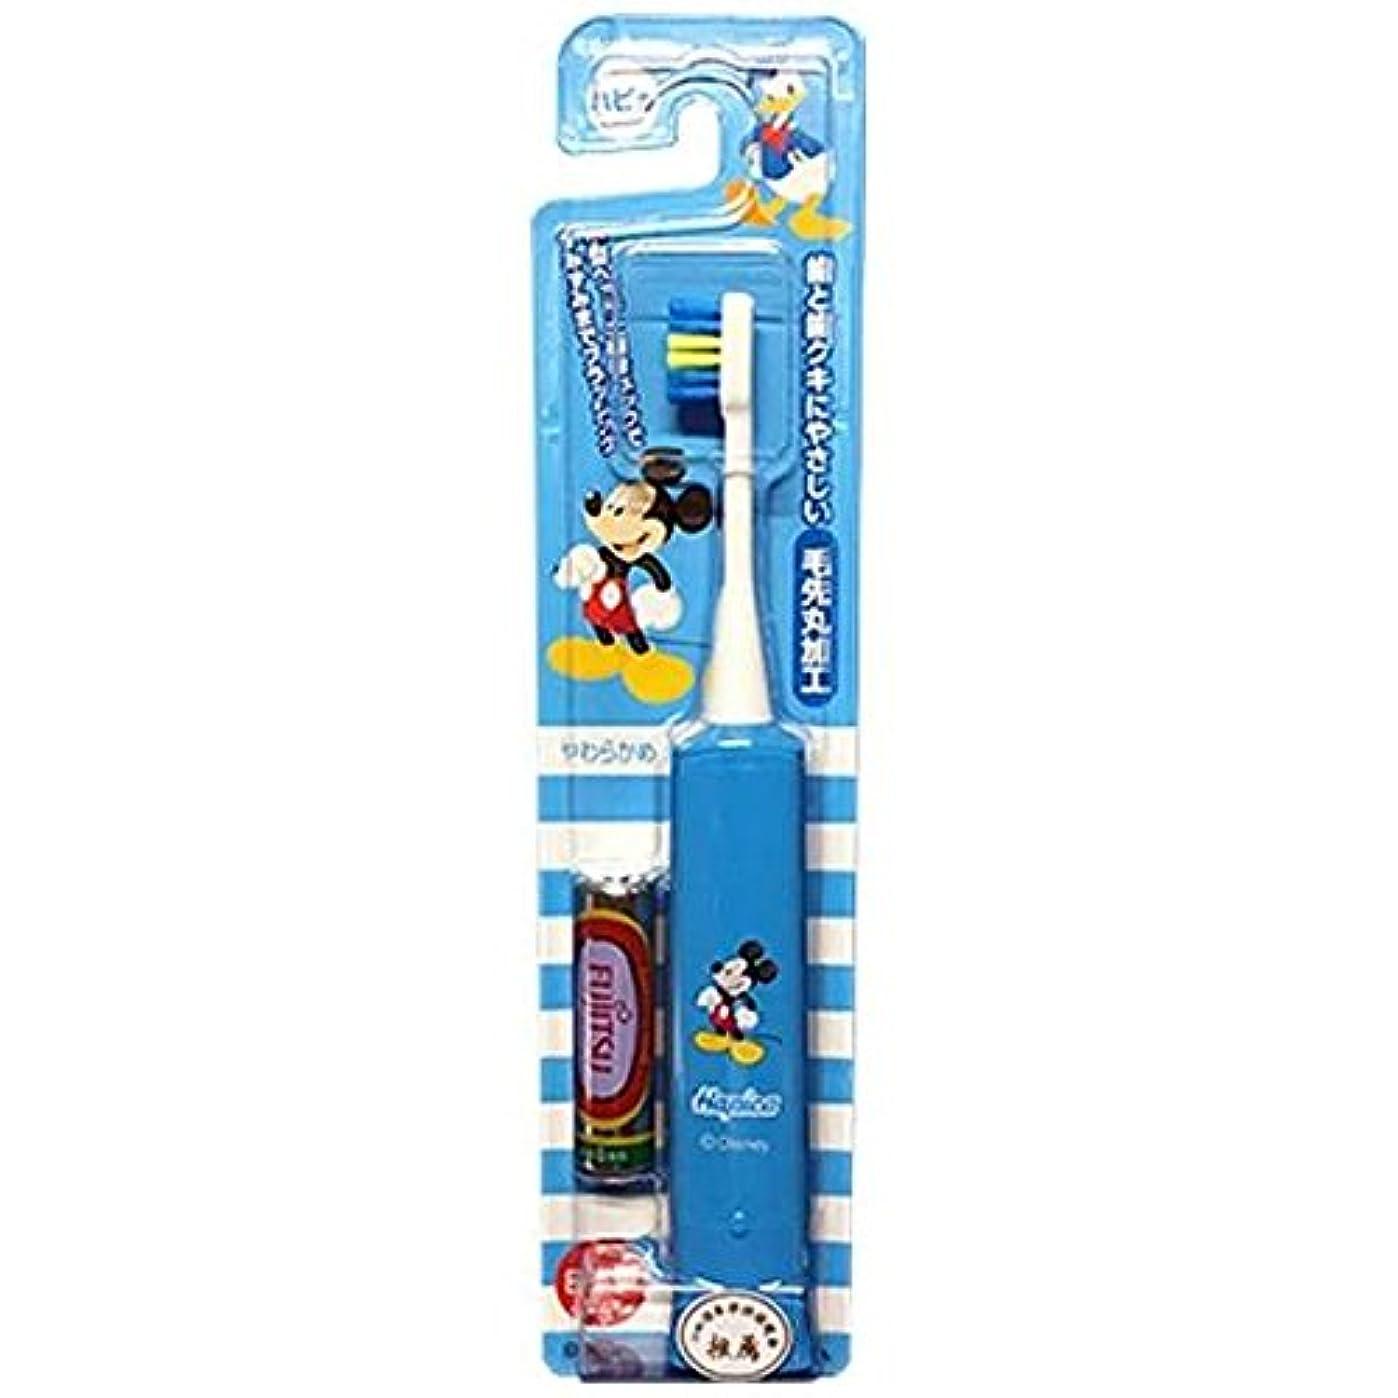 案件サイクロプス量でミニマム 電動付歯ブラシ こどもハピカ ミッキー(ブルー) 毛の硬さ:やわらかめ DBK-5B(MK)